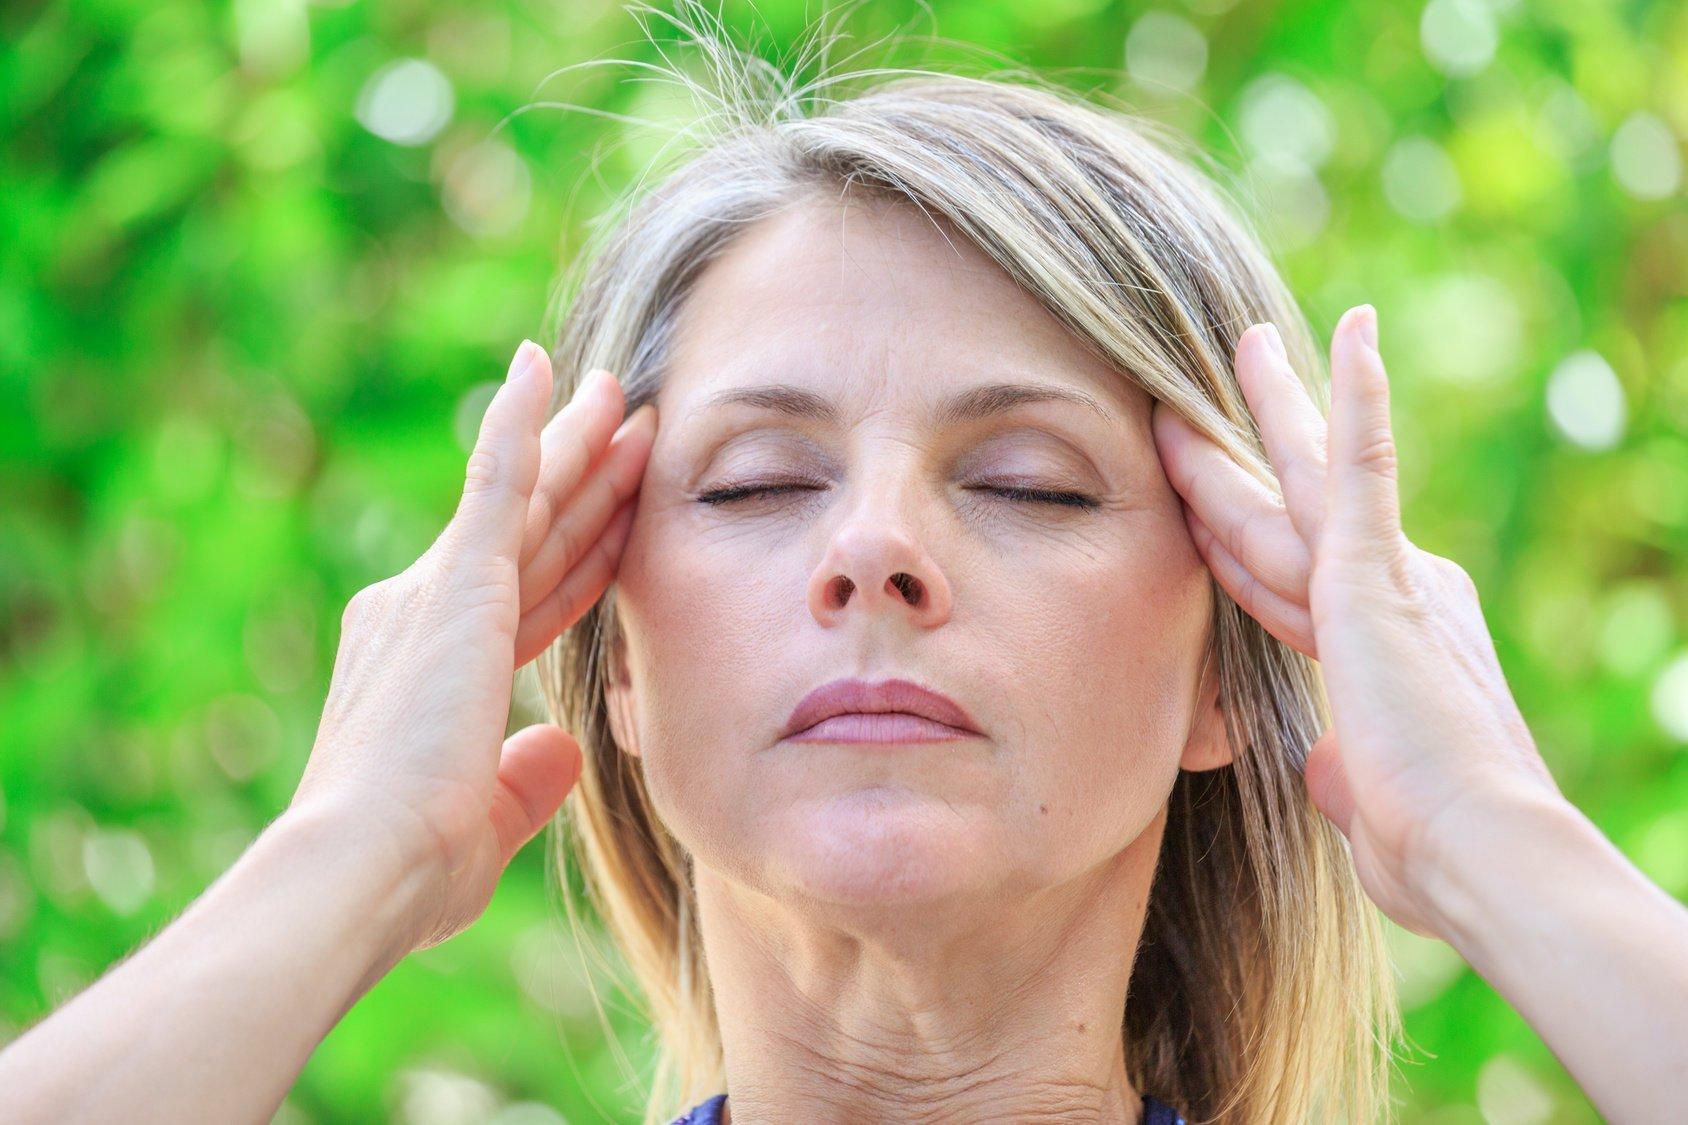 Лечение стресса: какие методы помогают избавиться от симптомов и последствий?